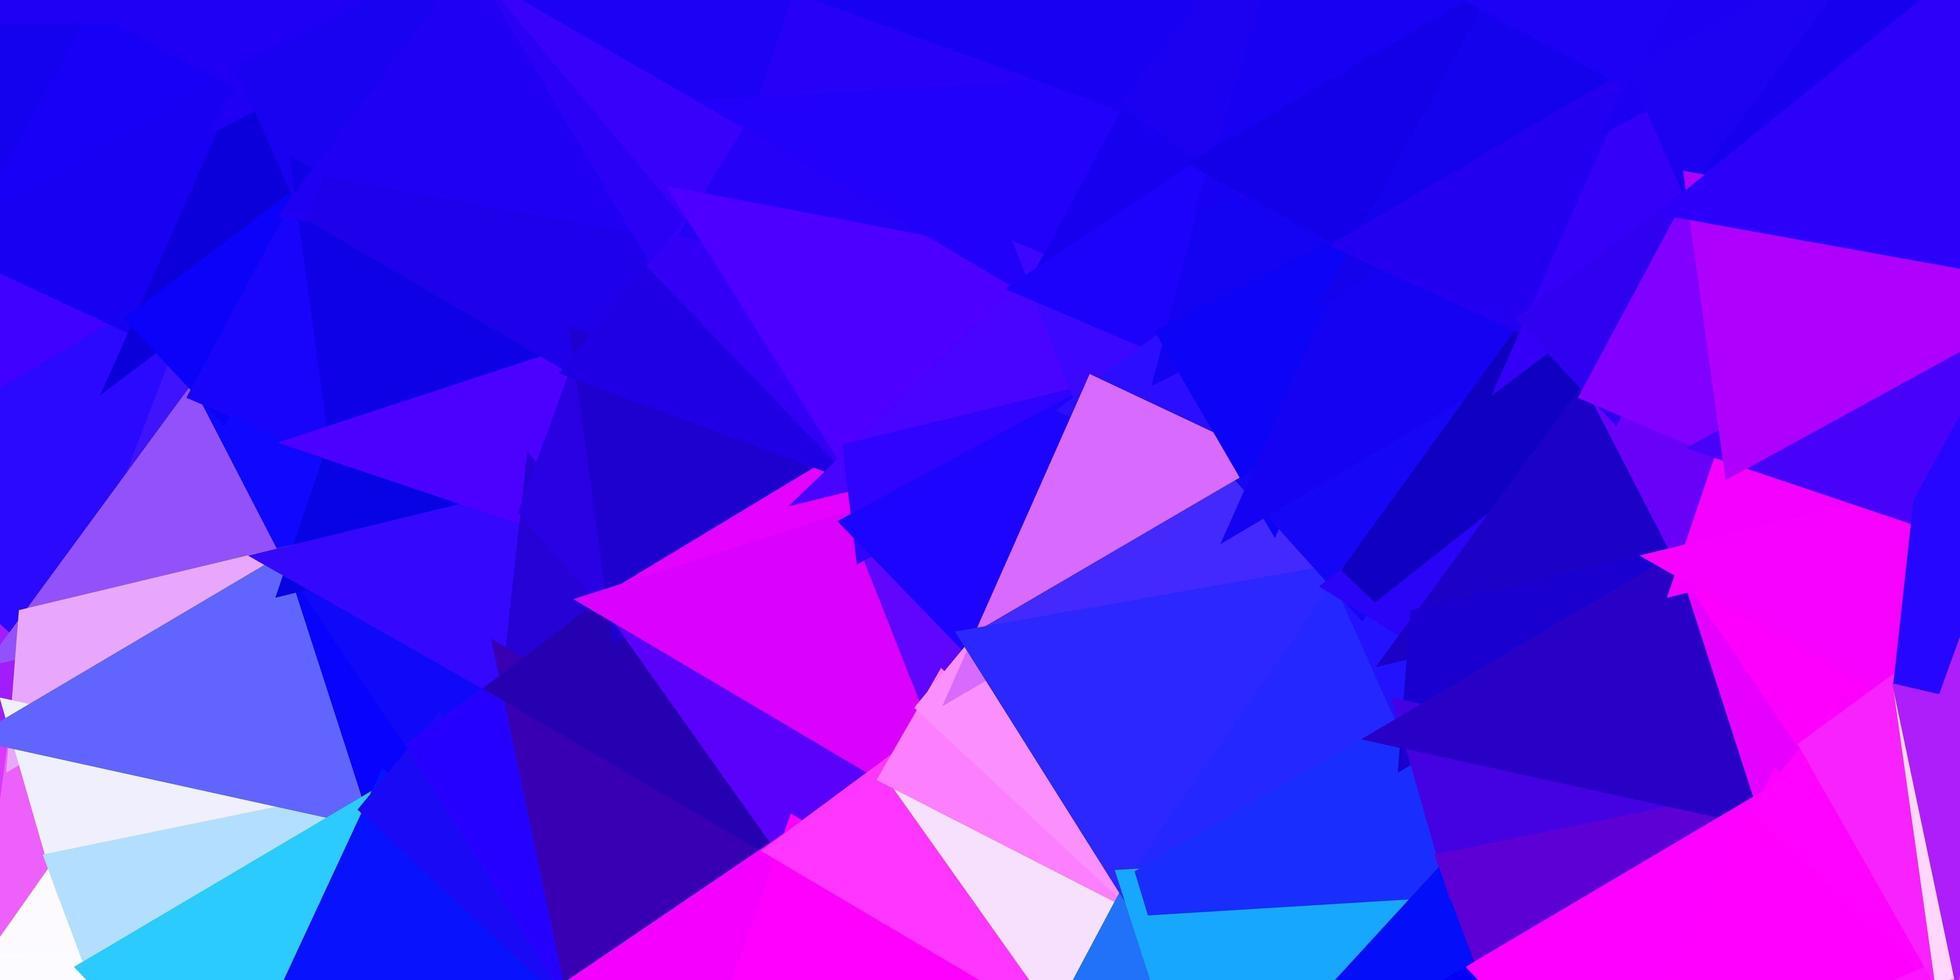 mörkrosa, blå vektor abstrakt triangelmönster.